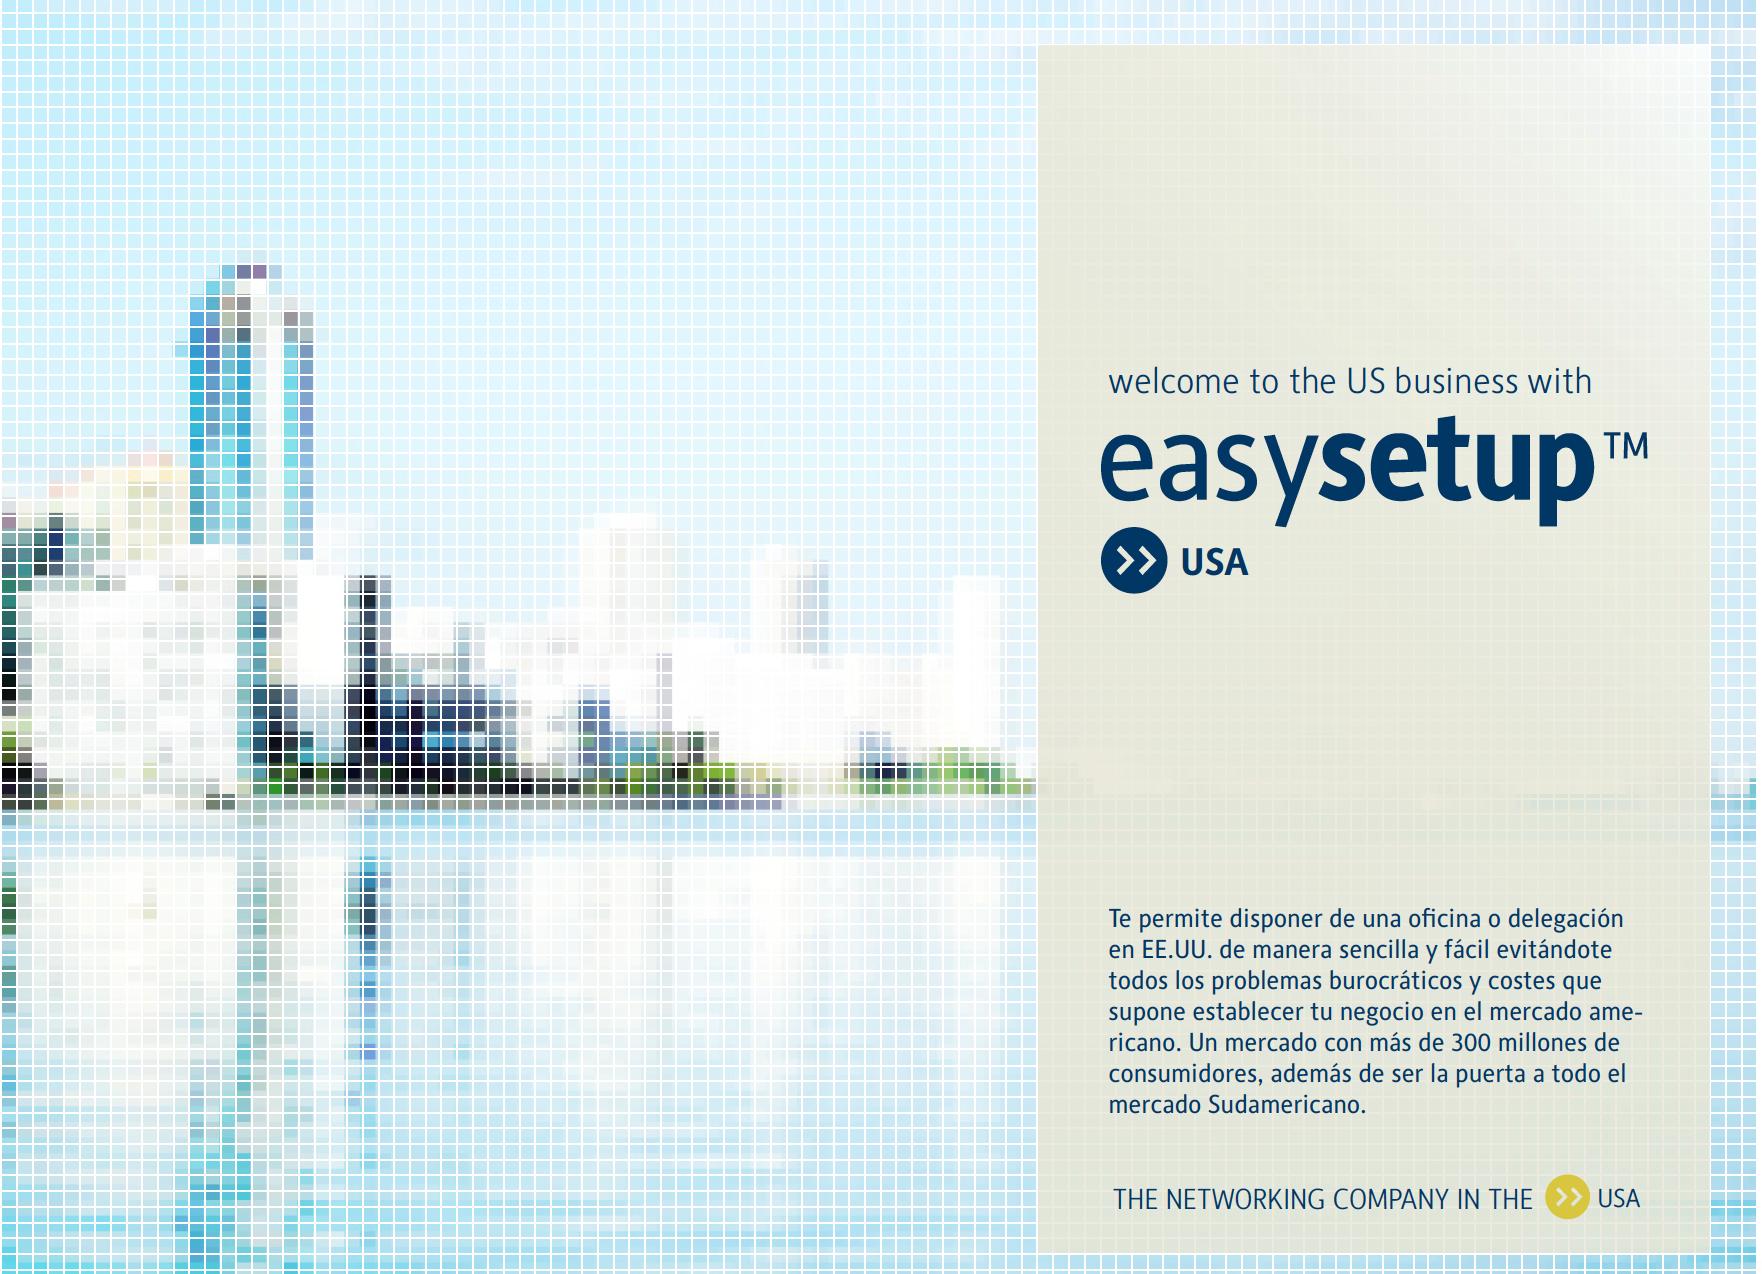 Easysetup USA